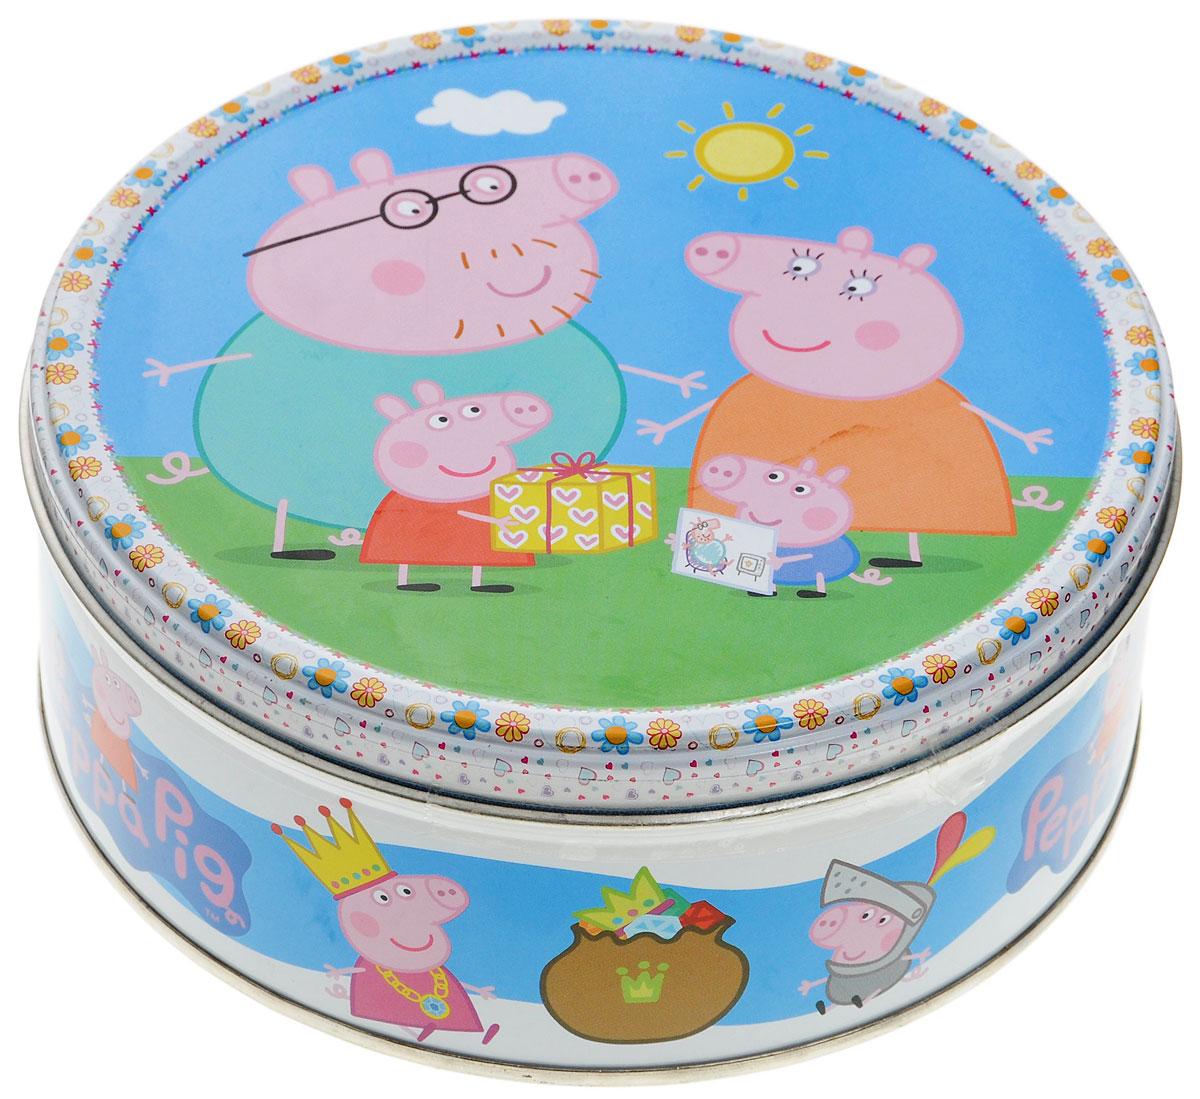 Peppa Pig печенье сдобное с кусочками шоколада, 150 г4600416016891_четыре свинкиМиньоны – это суперпопулярные забавные желтые существа, ставшие известными благодаря мультфильмам Гадкий я (Despicable Me) и Гадкий я – 2.Натуральный состав, узнаваемые персонажи и яркий дизайн подарочных банок делают печенье Миньоны отличным подарком для широкой возрастной категории их поклонников.